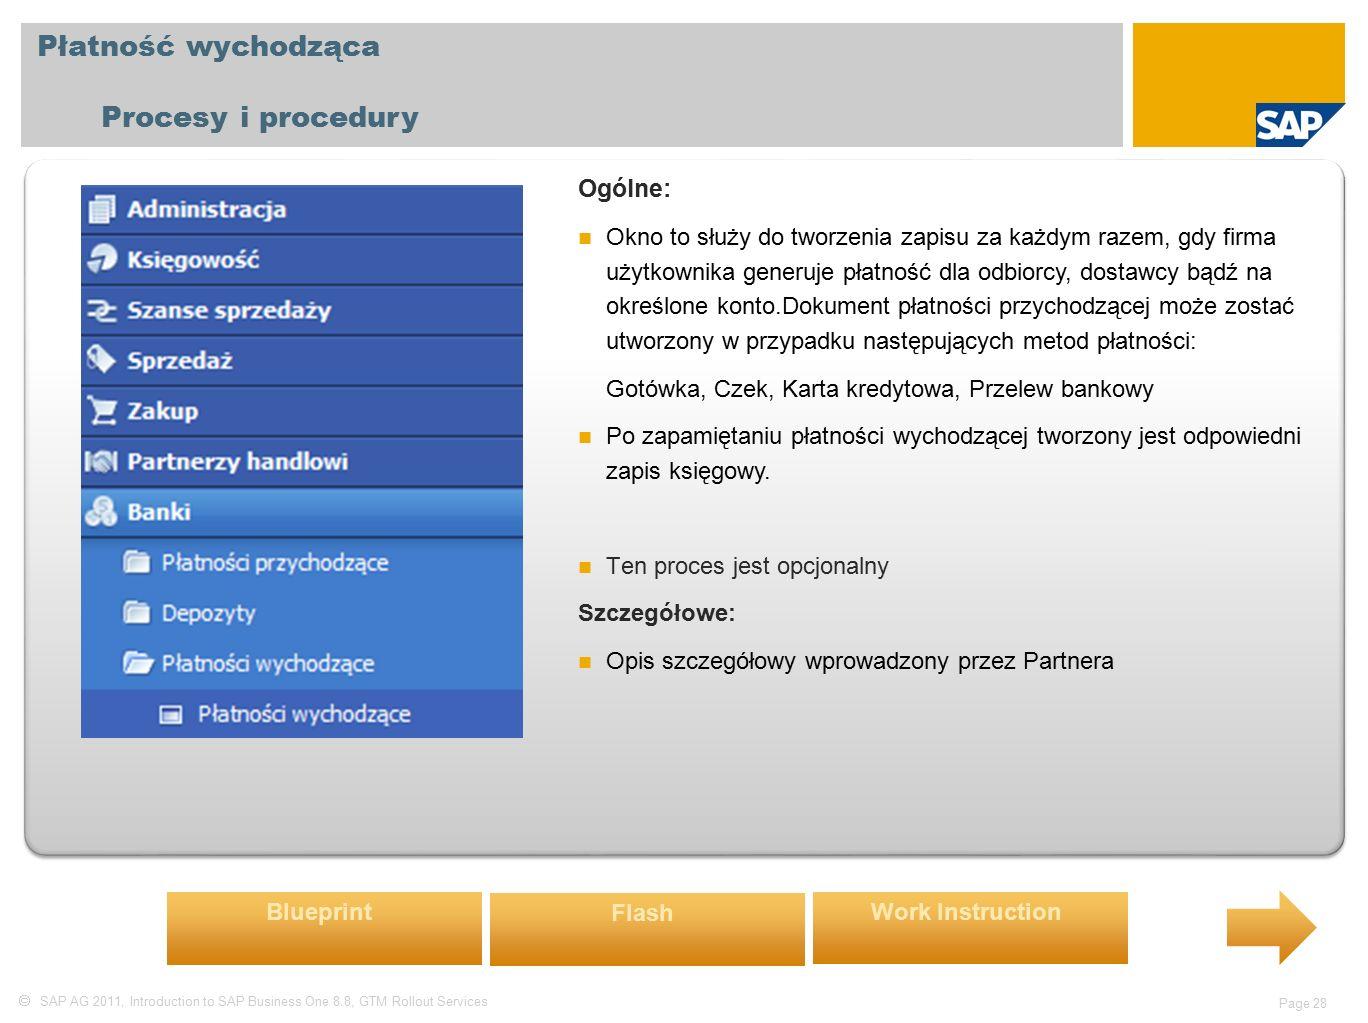  SAP AG 2011, Introduction to SAP Business One 8.8, GTM Rollout Services Page 28 Płatność wychodząca Procesy i procedury Ogólne: Okno to służy do tworzenia zapisu za każdym razem, gdy firma użytkownika generuje płatność dla odbiorcy, dostawcy bądź na określone konto.Dokument płatności przychodzącej może zostać utworzony w przypadku następujących metod płatności: Gotówka, Czek, Karta kredytowa, Przelew bankowy Po zapamiętaniu płatności wychodzącej tworzony jest odpowiedni zapis księgowy.